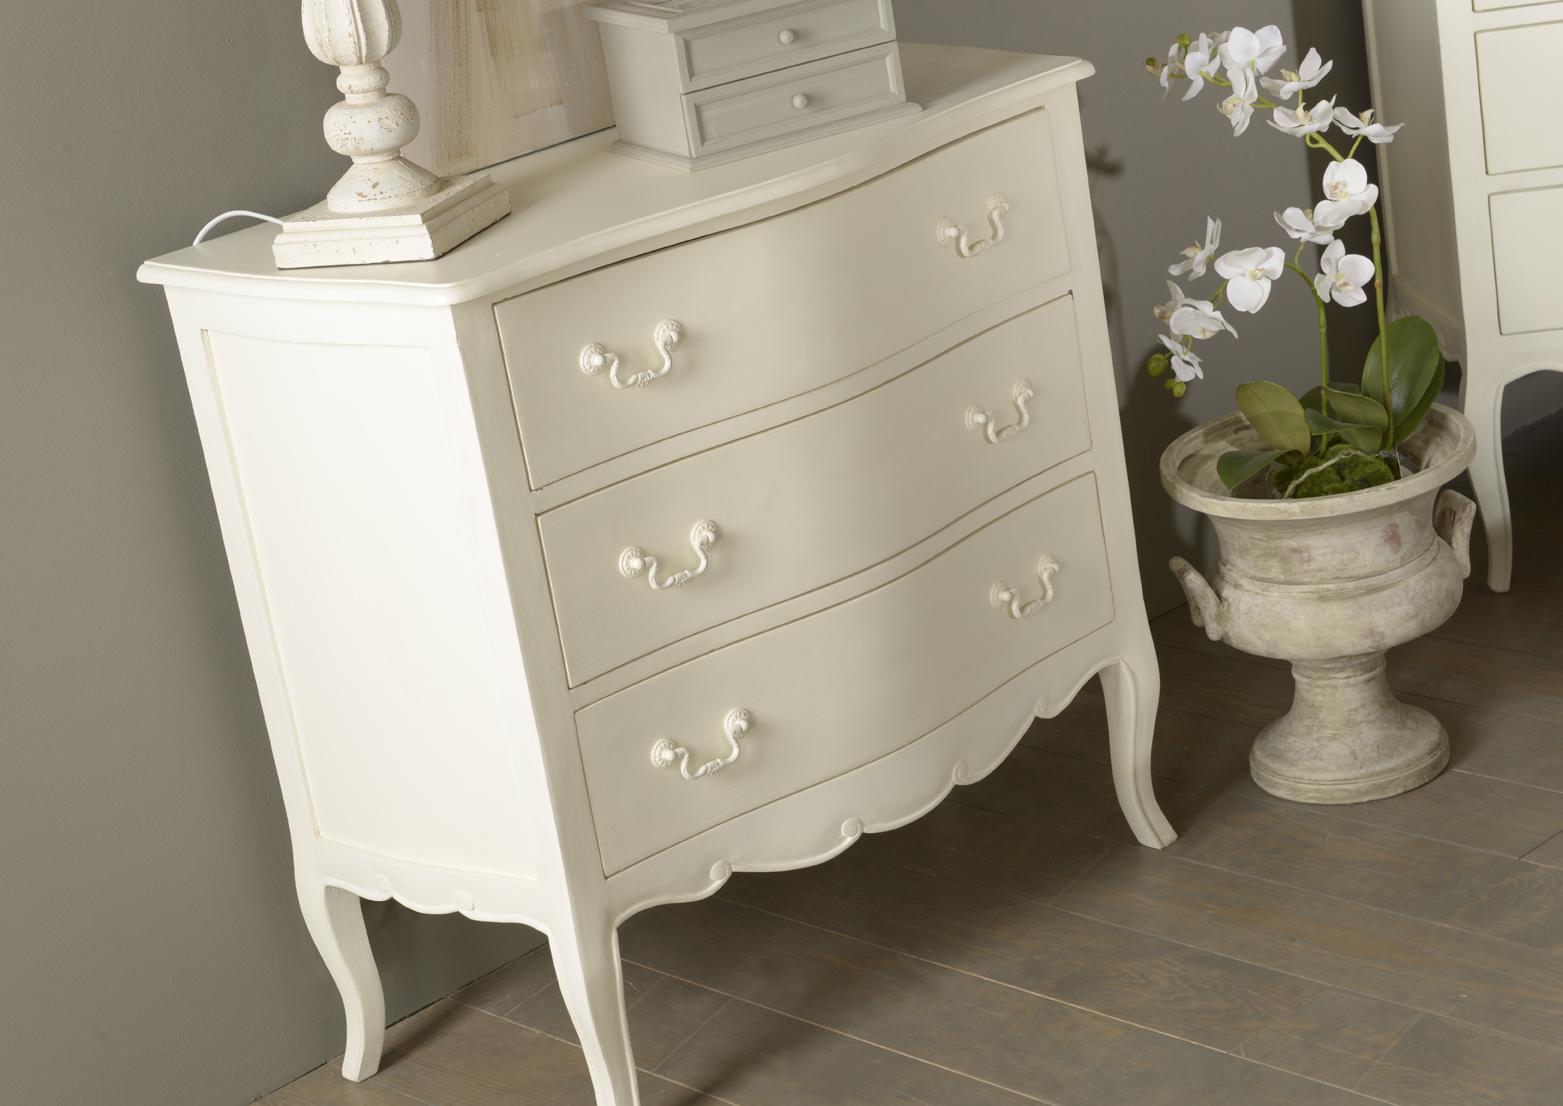 commode apolline amadeus 043292 d magasin de meubles deco orl ans esprit d 39 autrefois. Black Bedroom Furniture Sets. Home Design Ideas